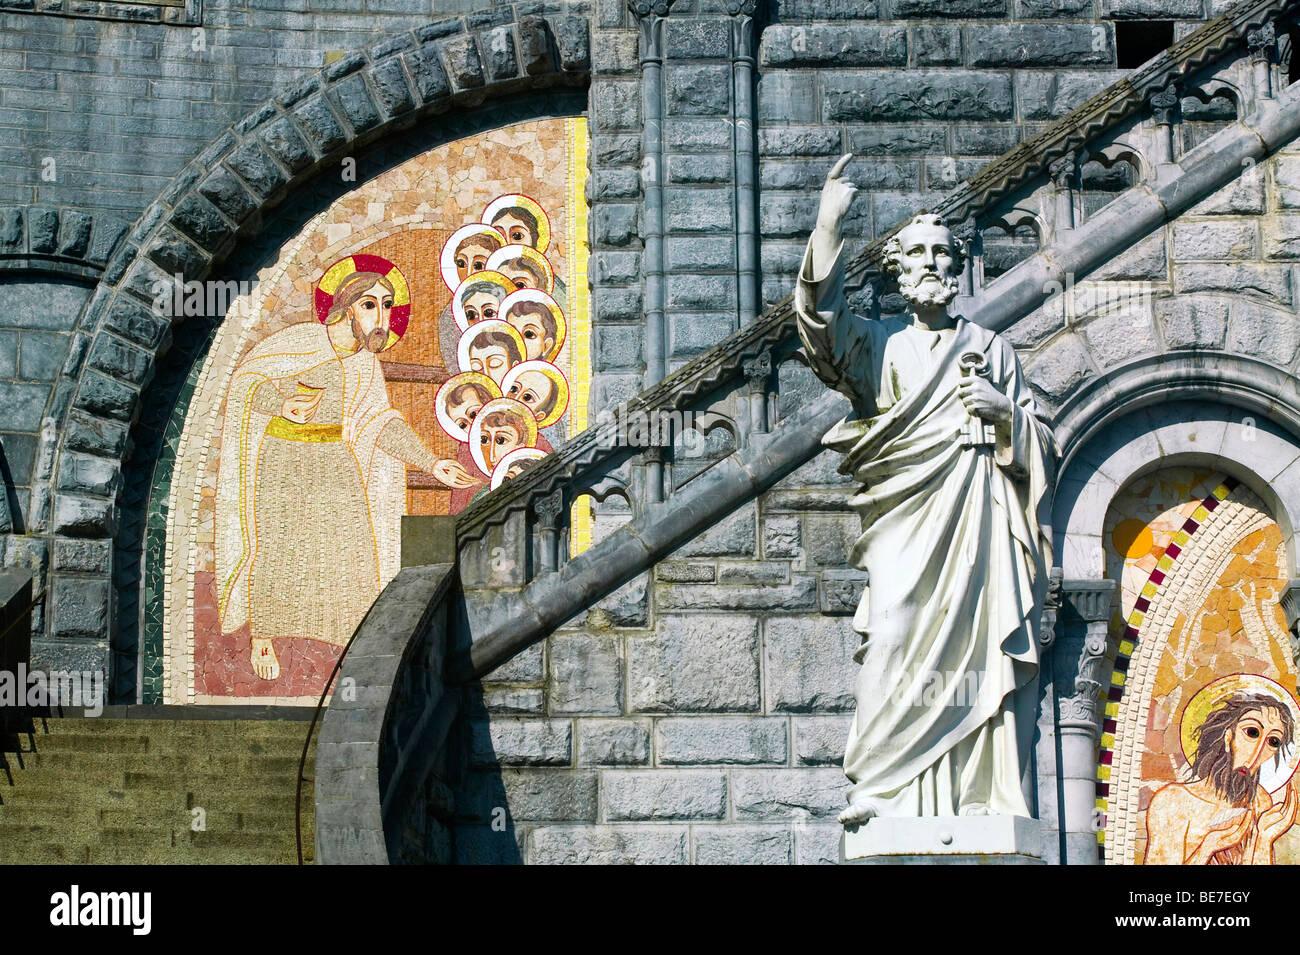 SANCTUARY OF LOURDES, HAUTE GARONNE, FRANCE - Stock Image